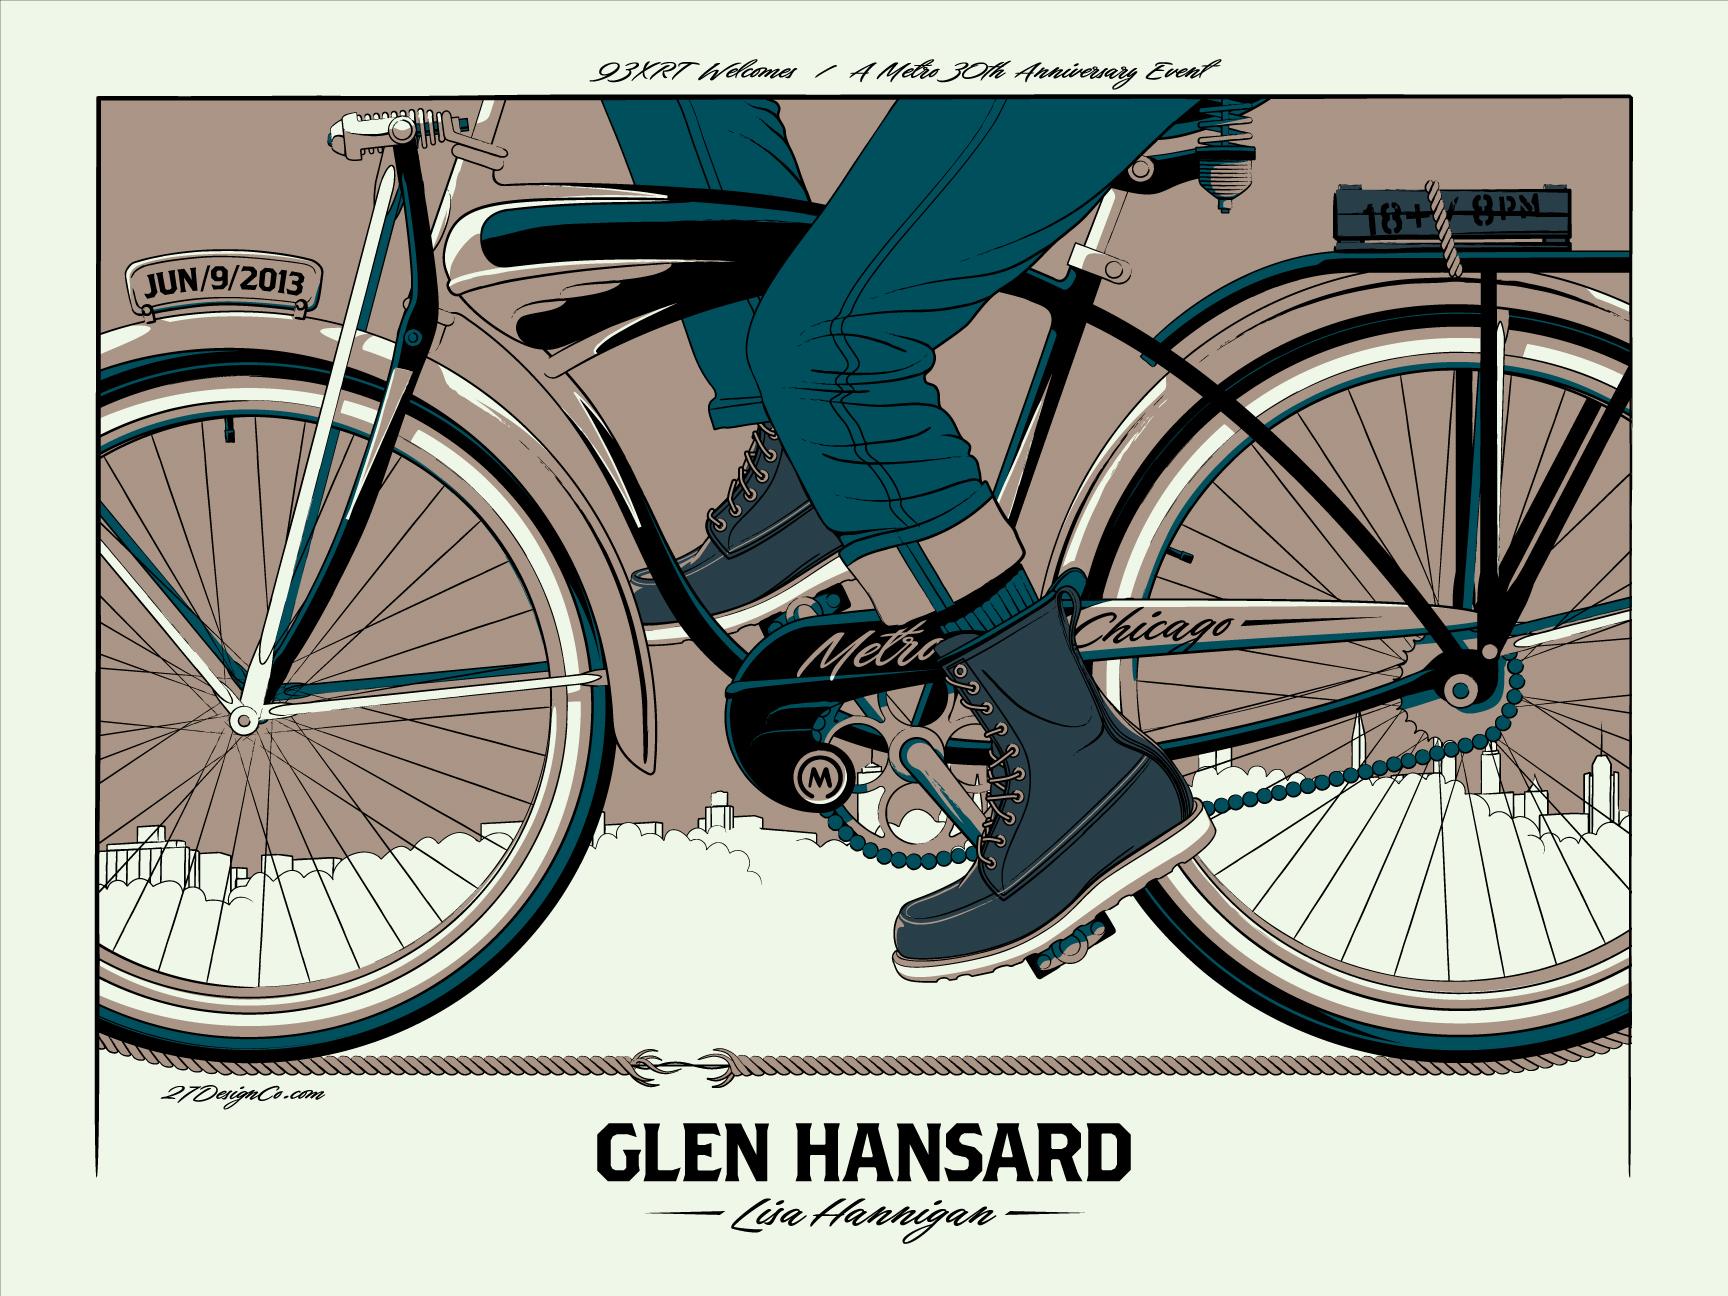 crisler Glen Hansard - Chicago, IL 2013